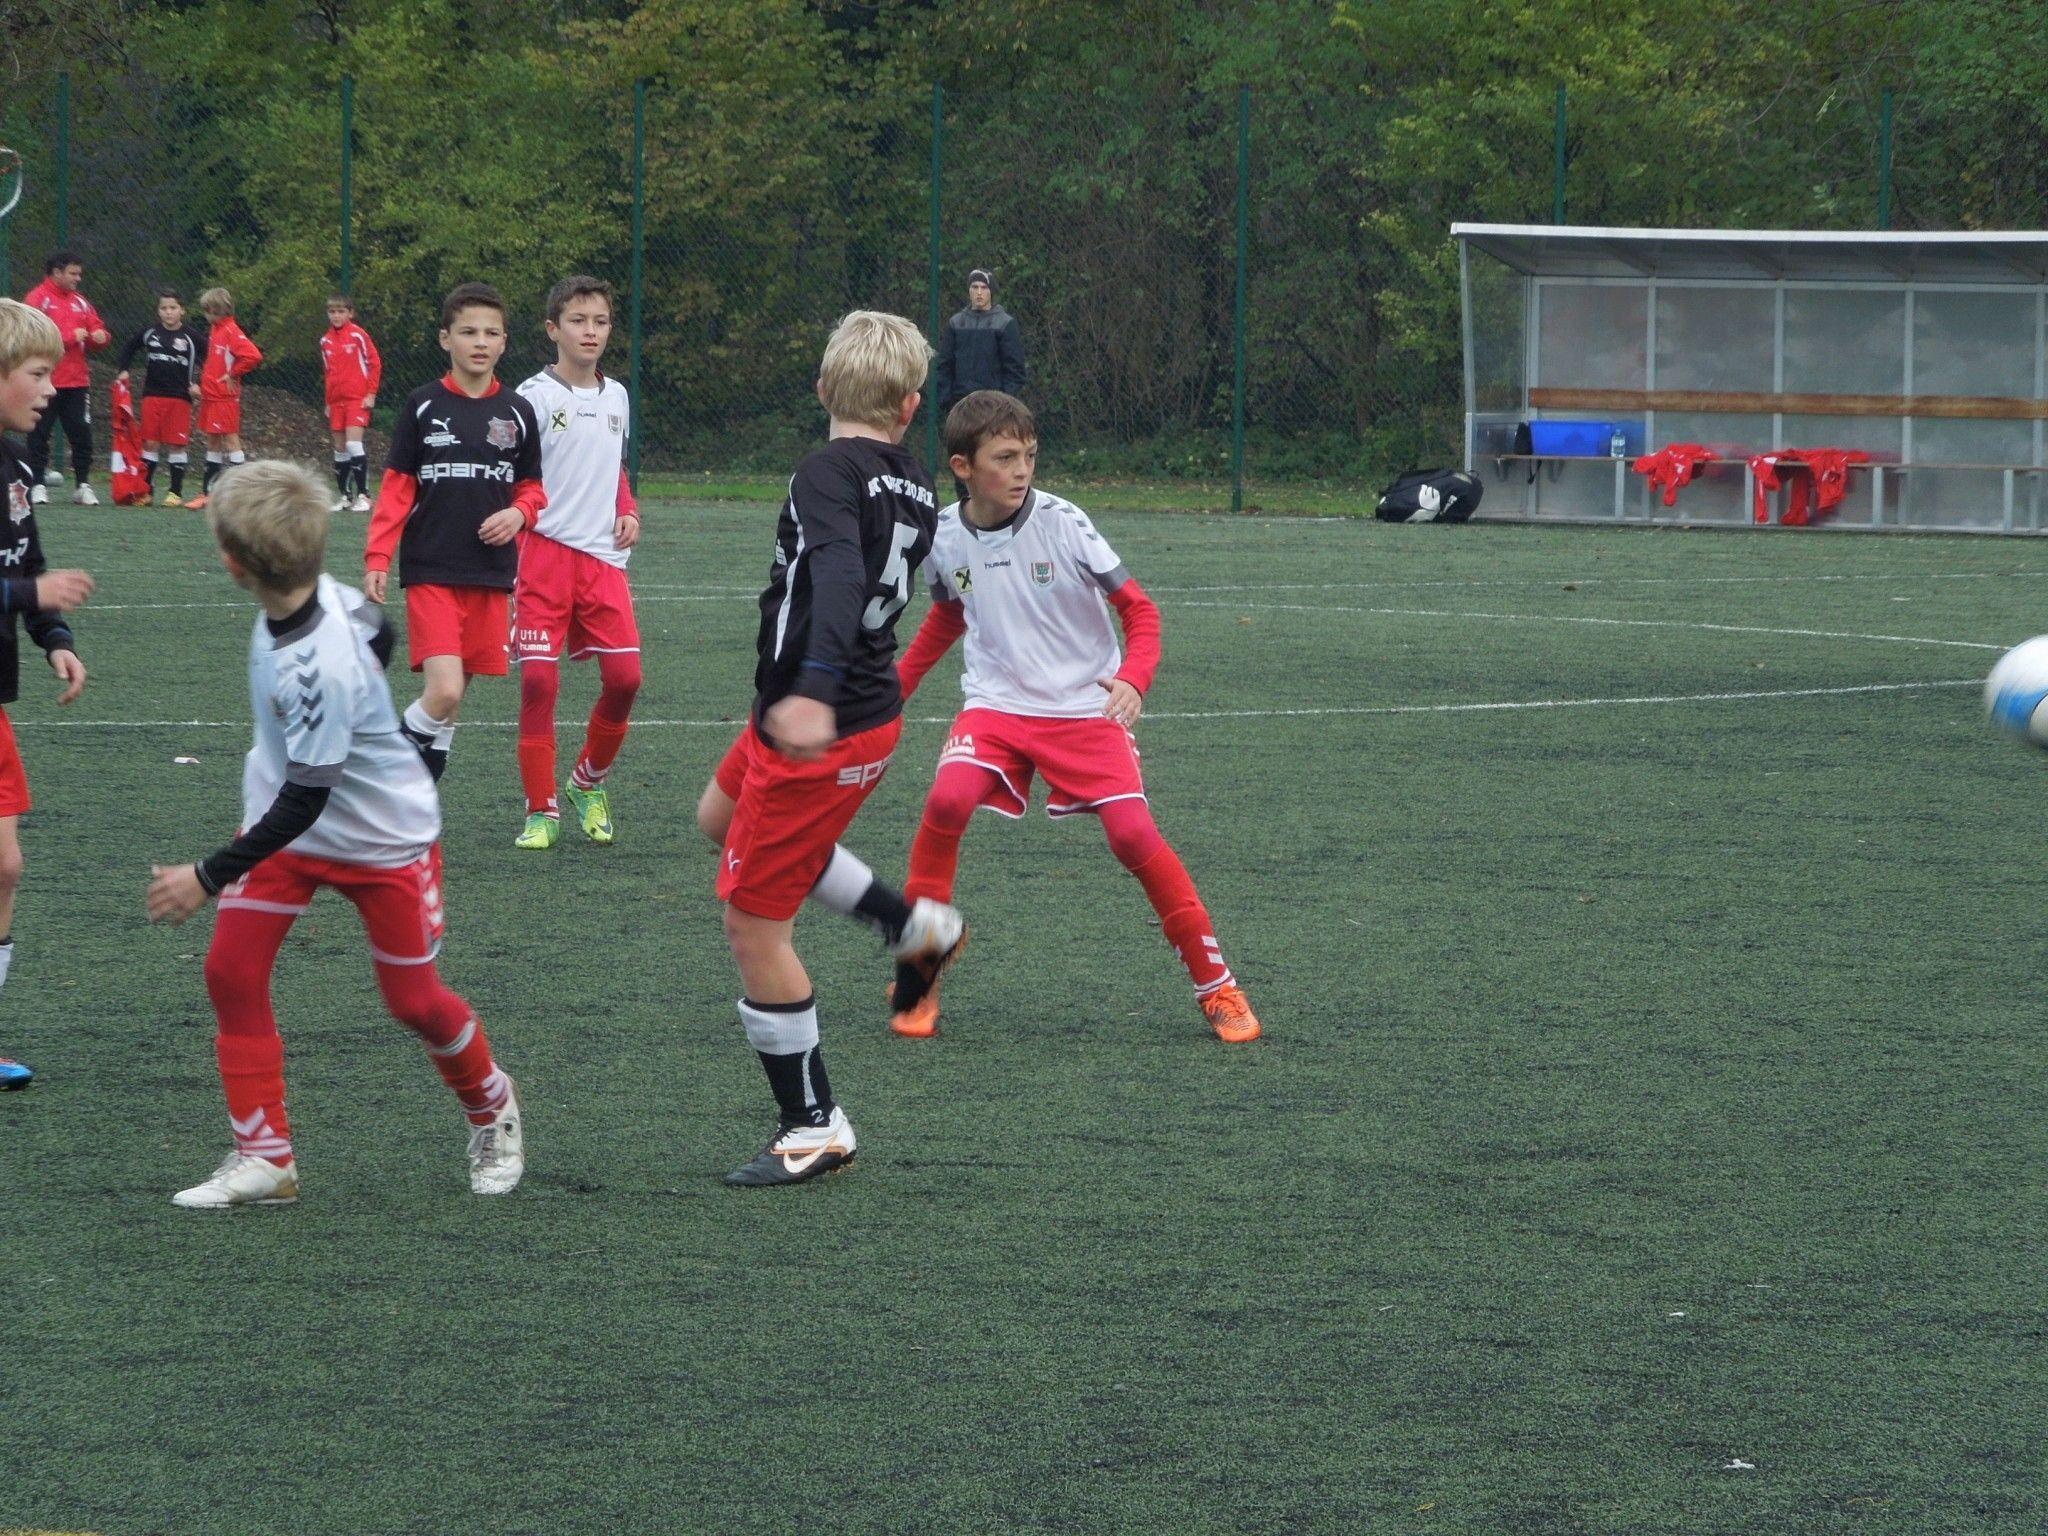 Die Dornbirner zeigten vollen Einsatz beim letzten Meisterschaftsspiel im Herbst.